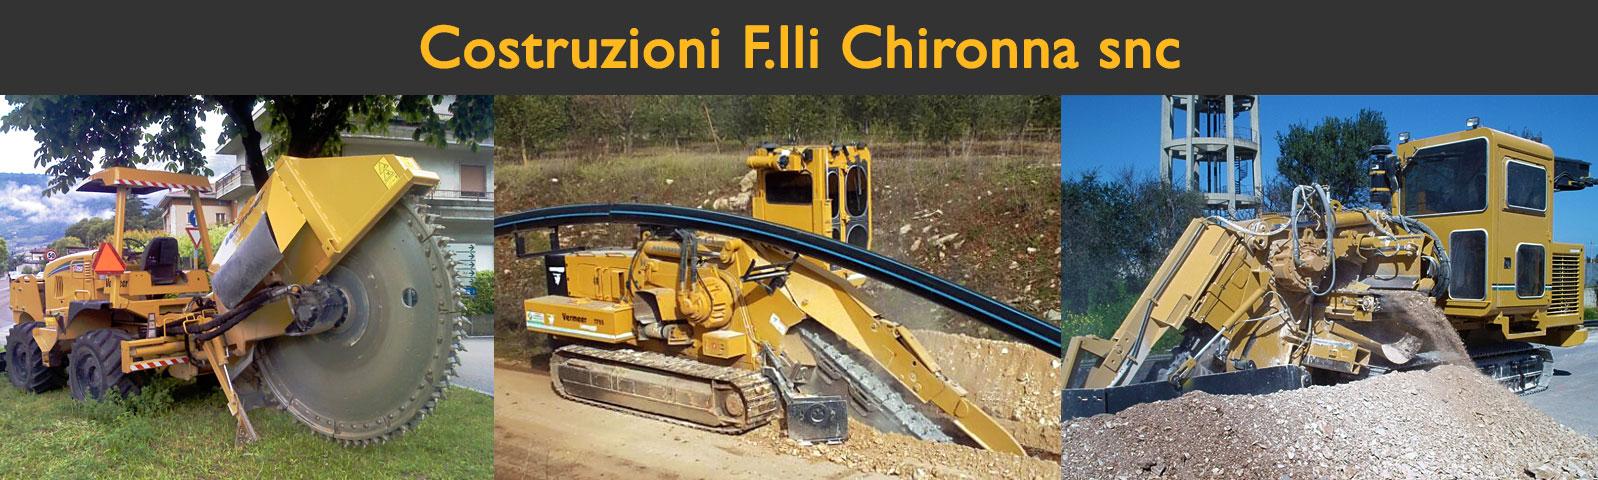 Costruzioni F.lli Chironna snc